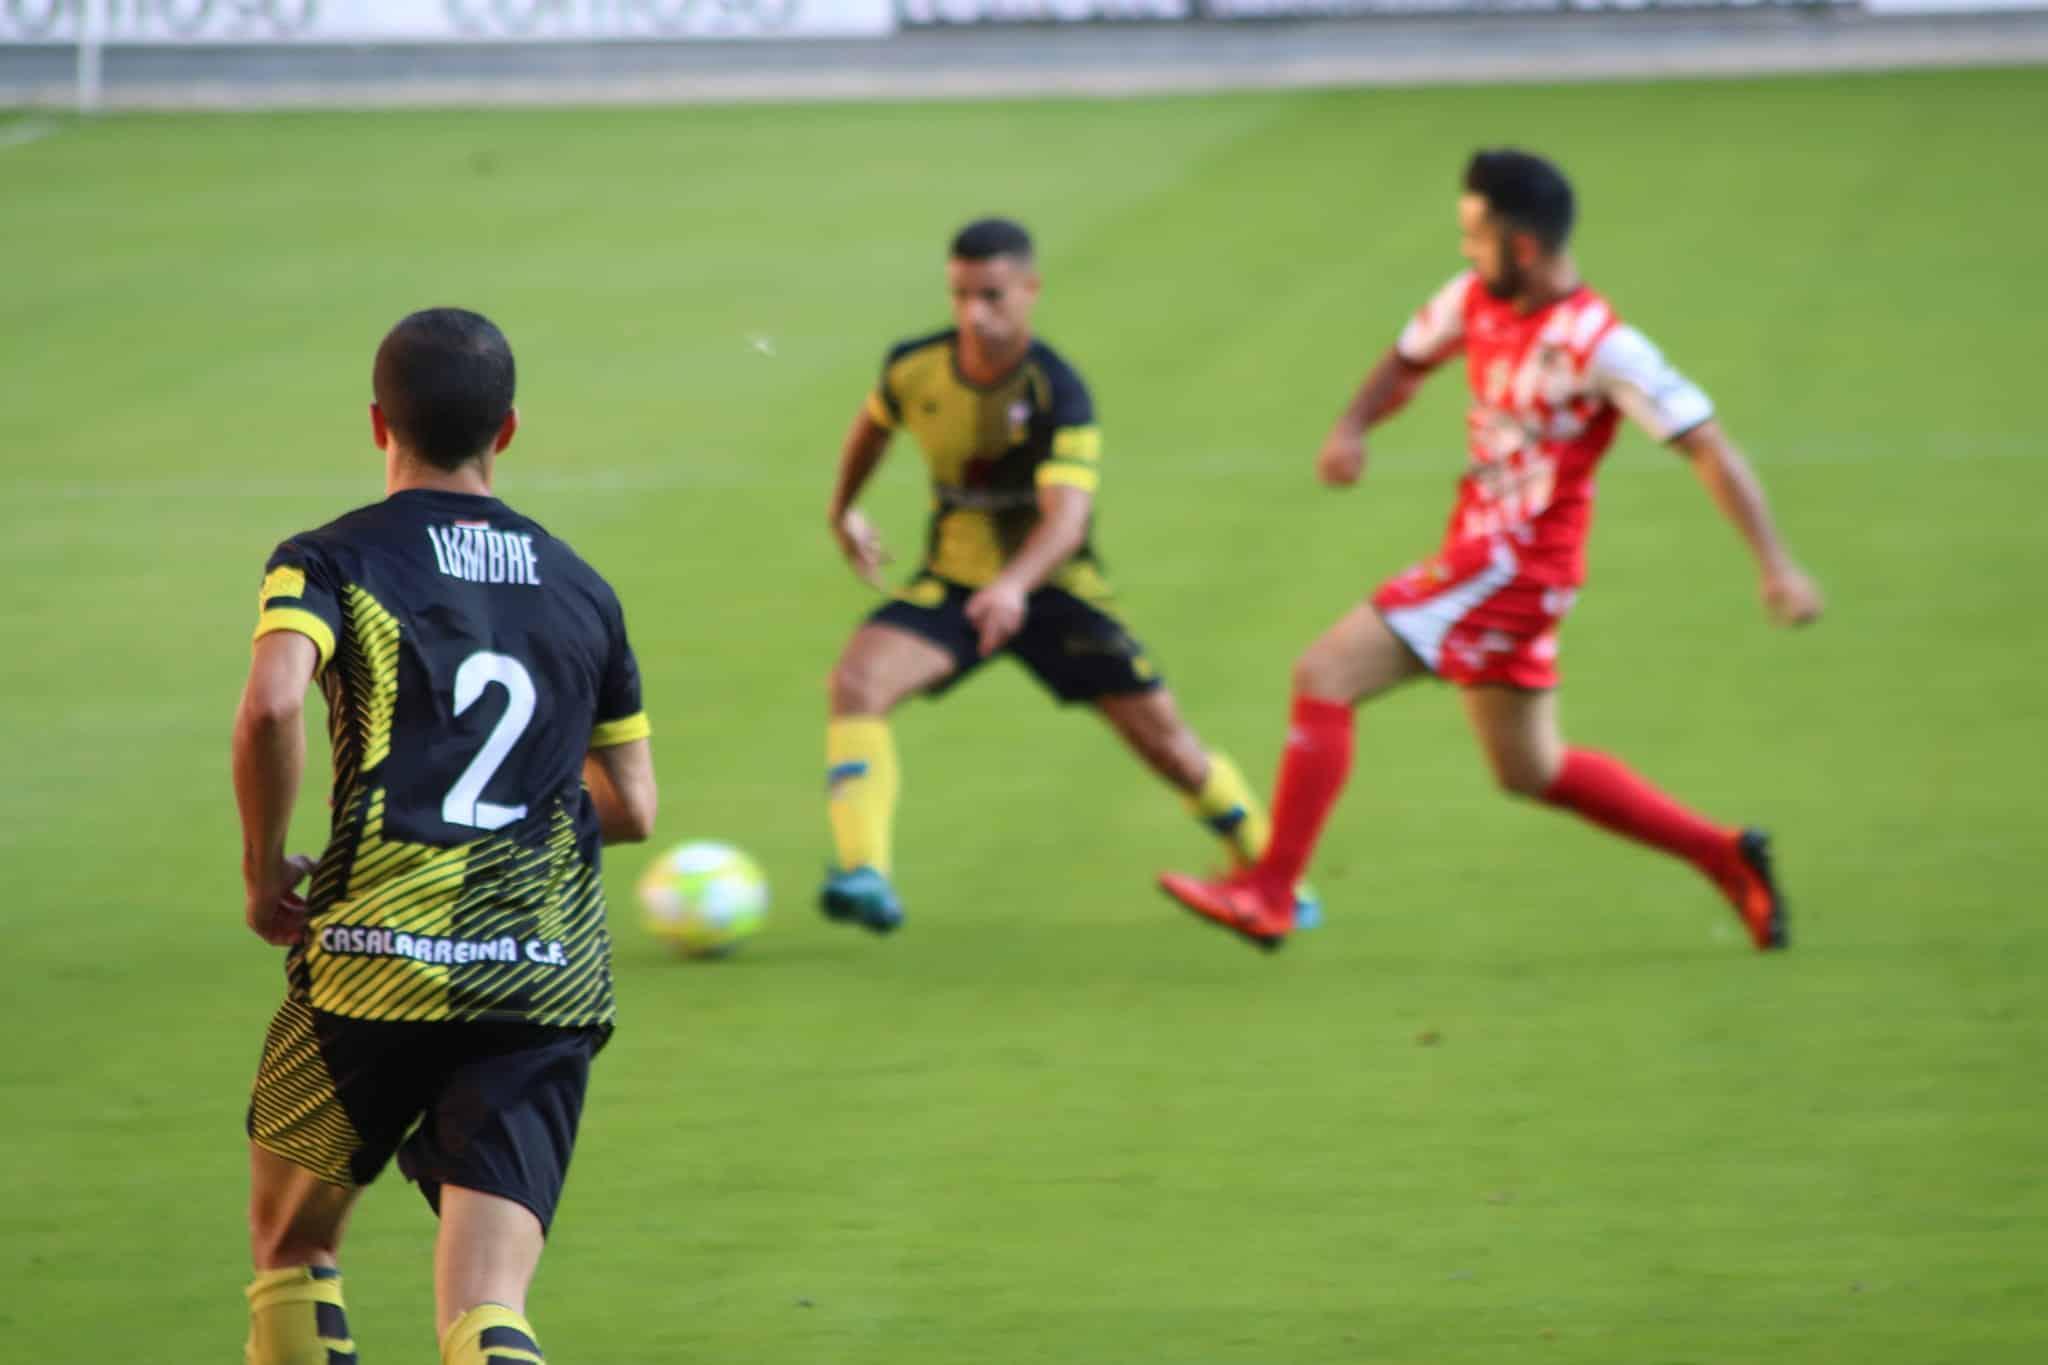 El Casalarreina cae eliminado y dice adiós al sueño del ascenso en una temporada histórica 6